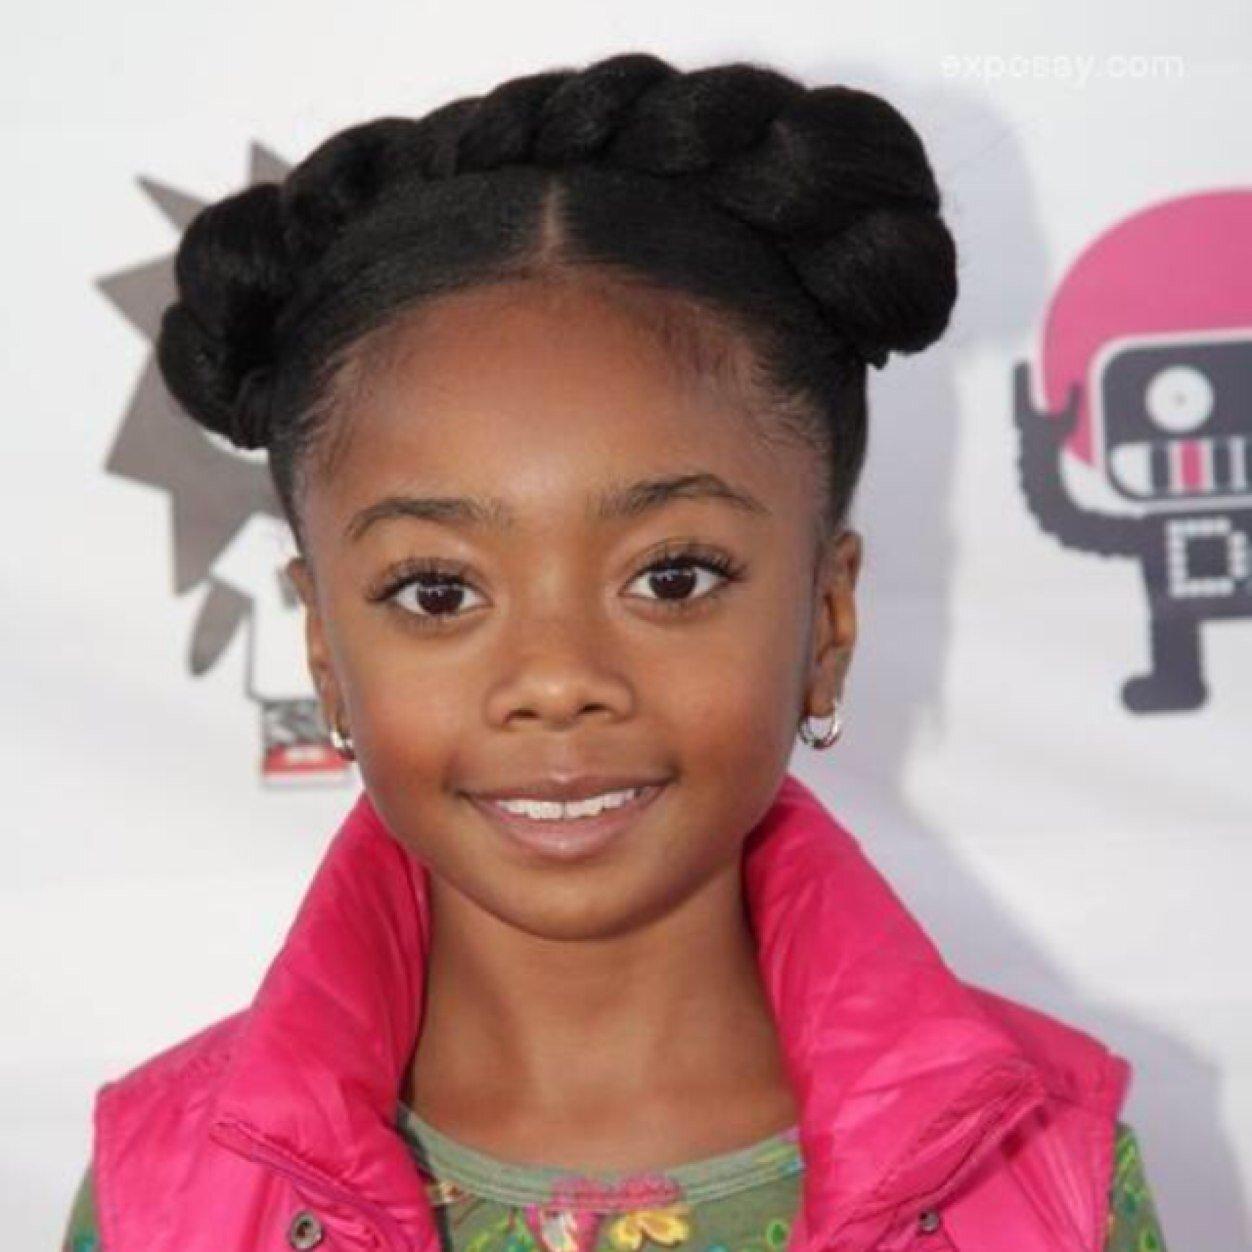 Actress Skai Jackson  - age: 15